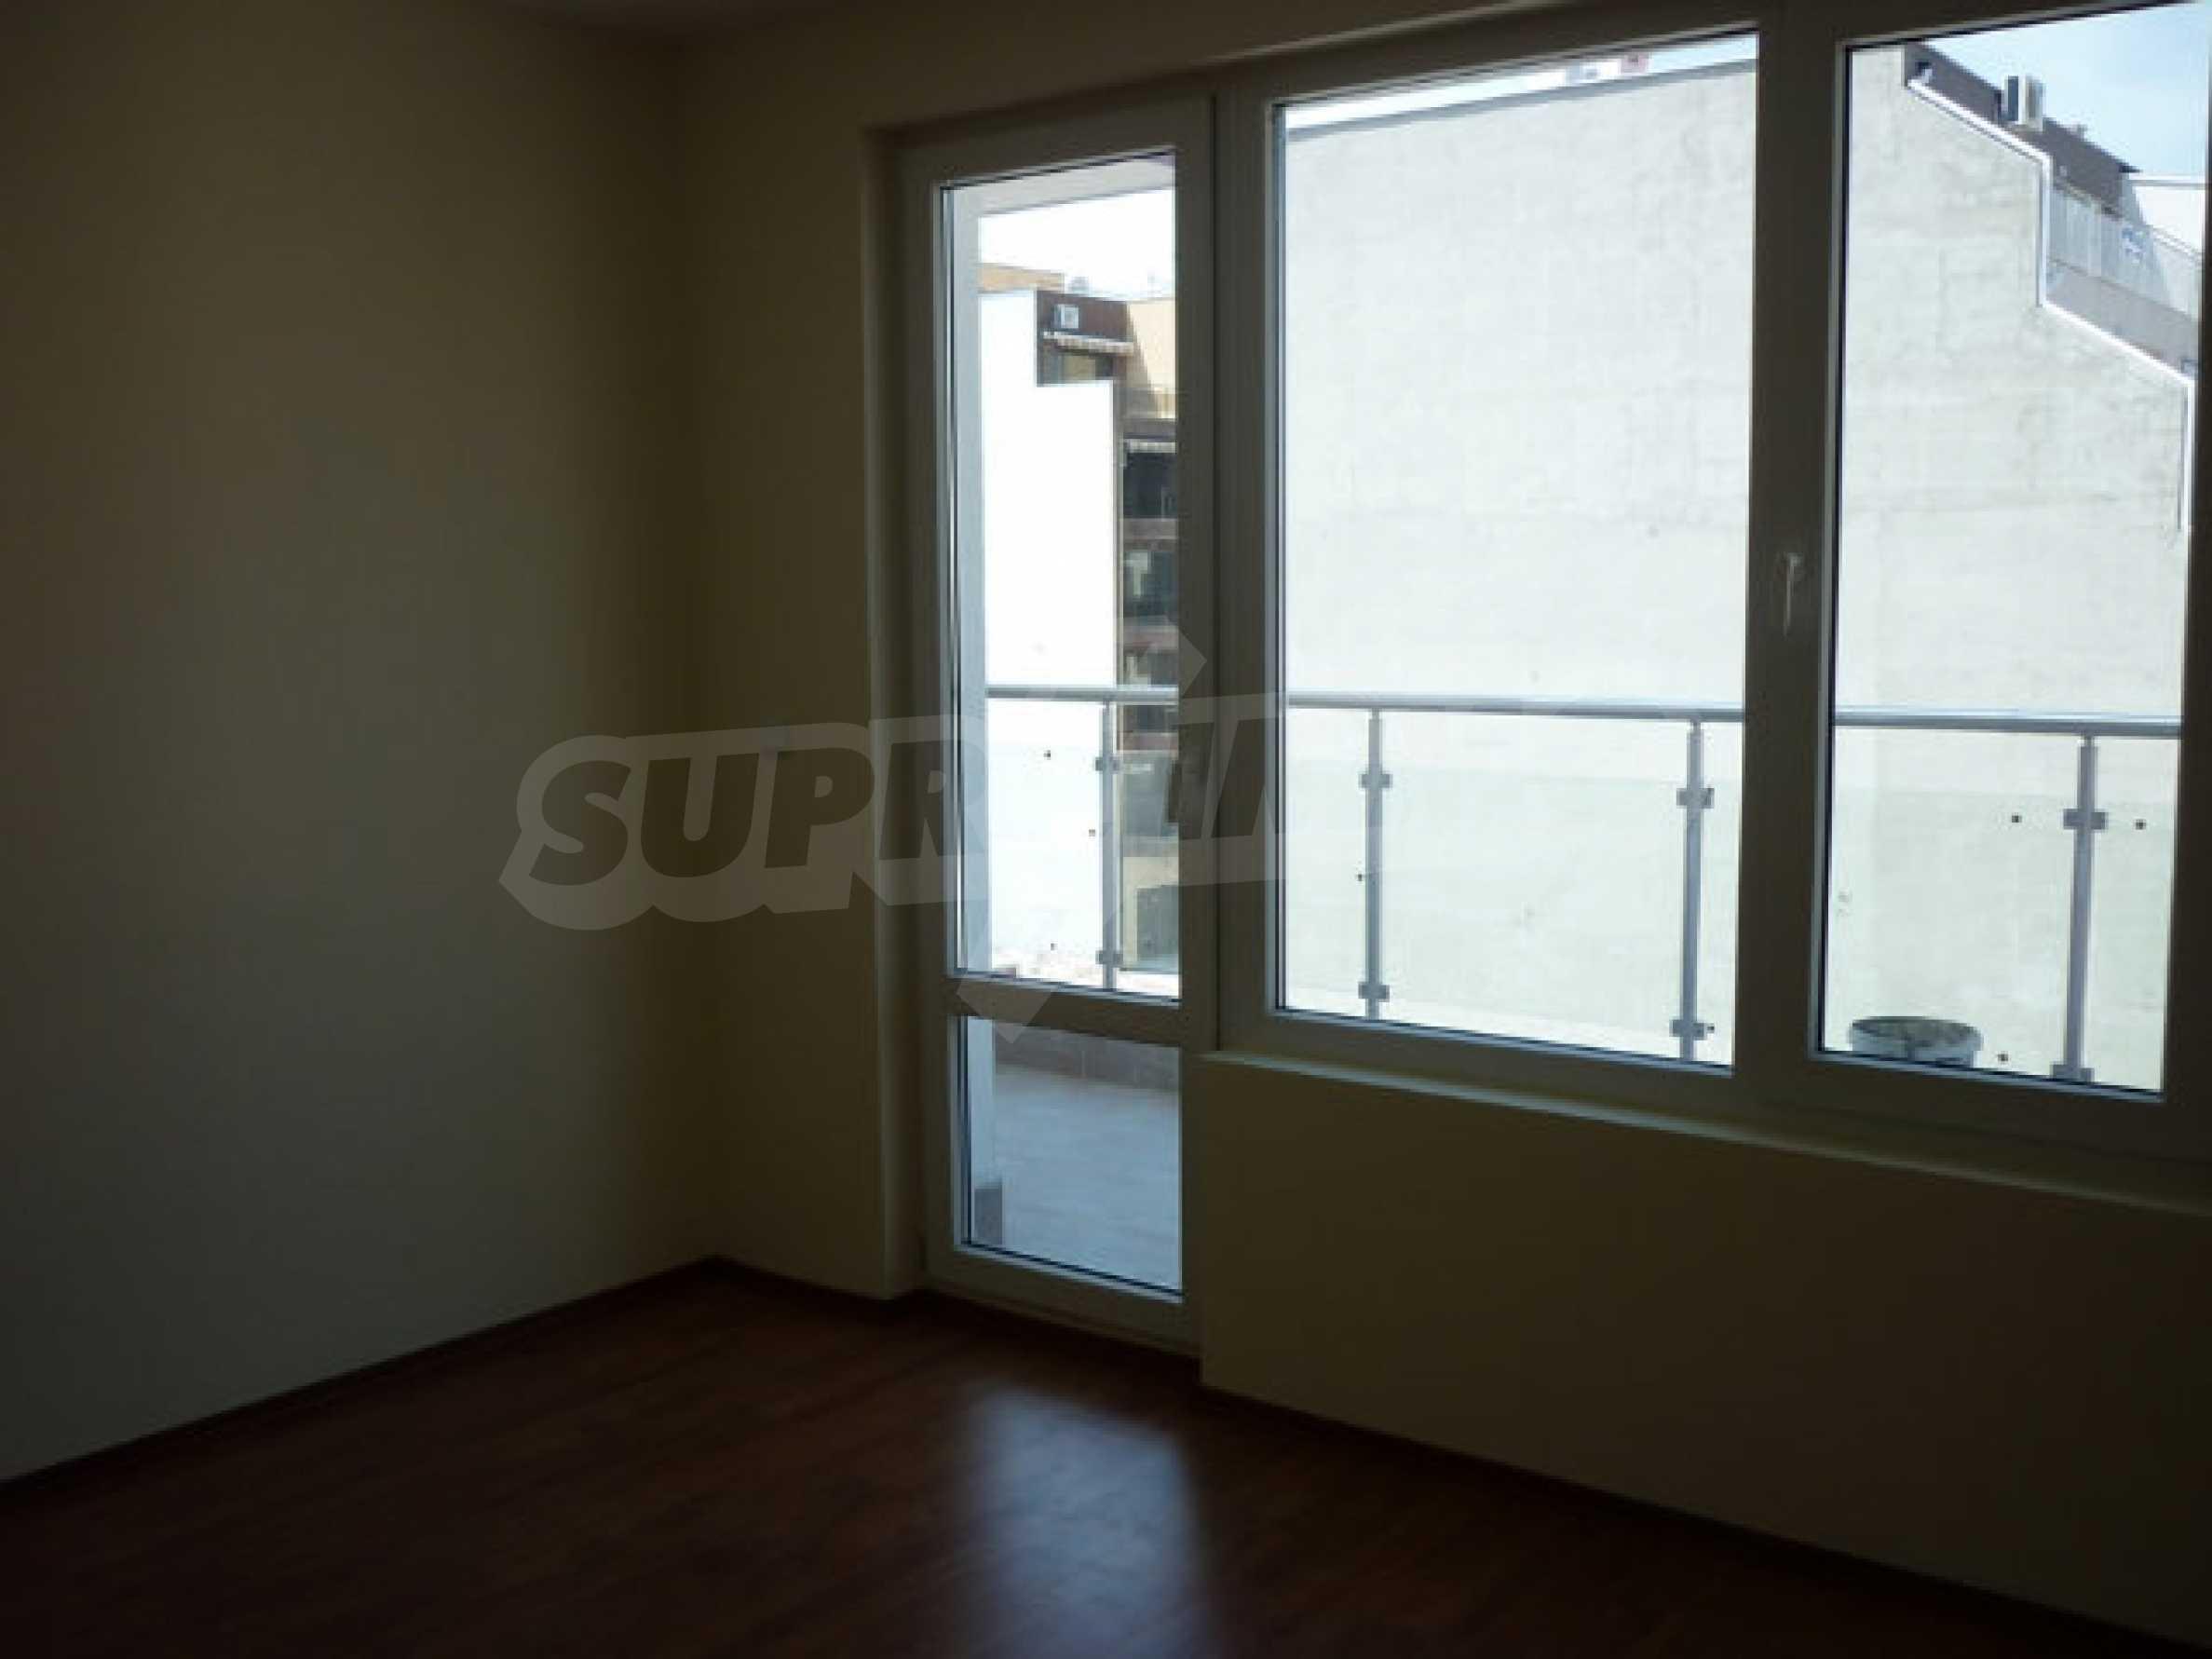 Wohnungen zum Verkauf in Pomorie 23